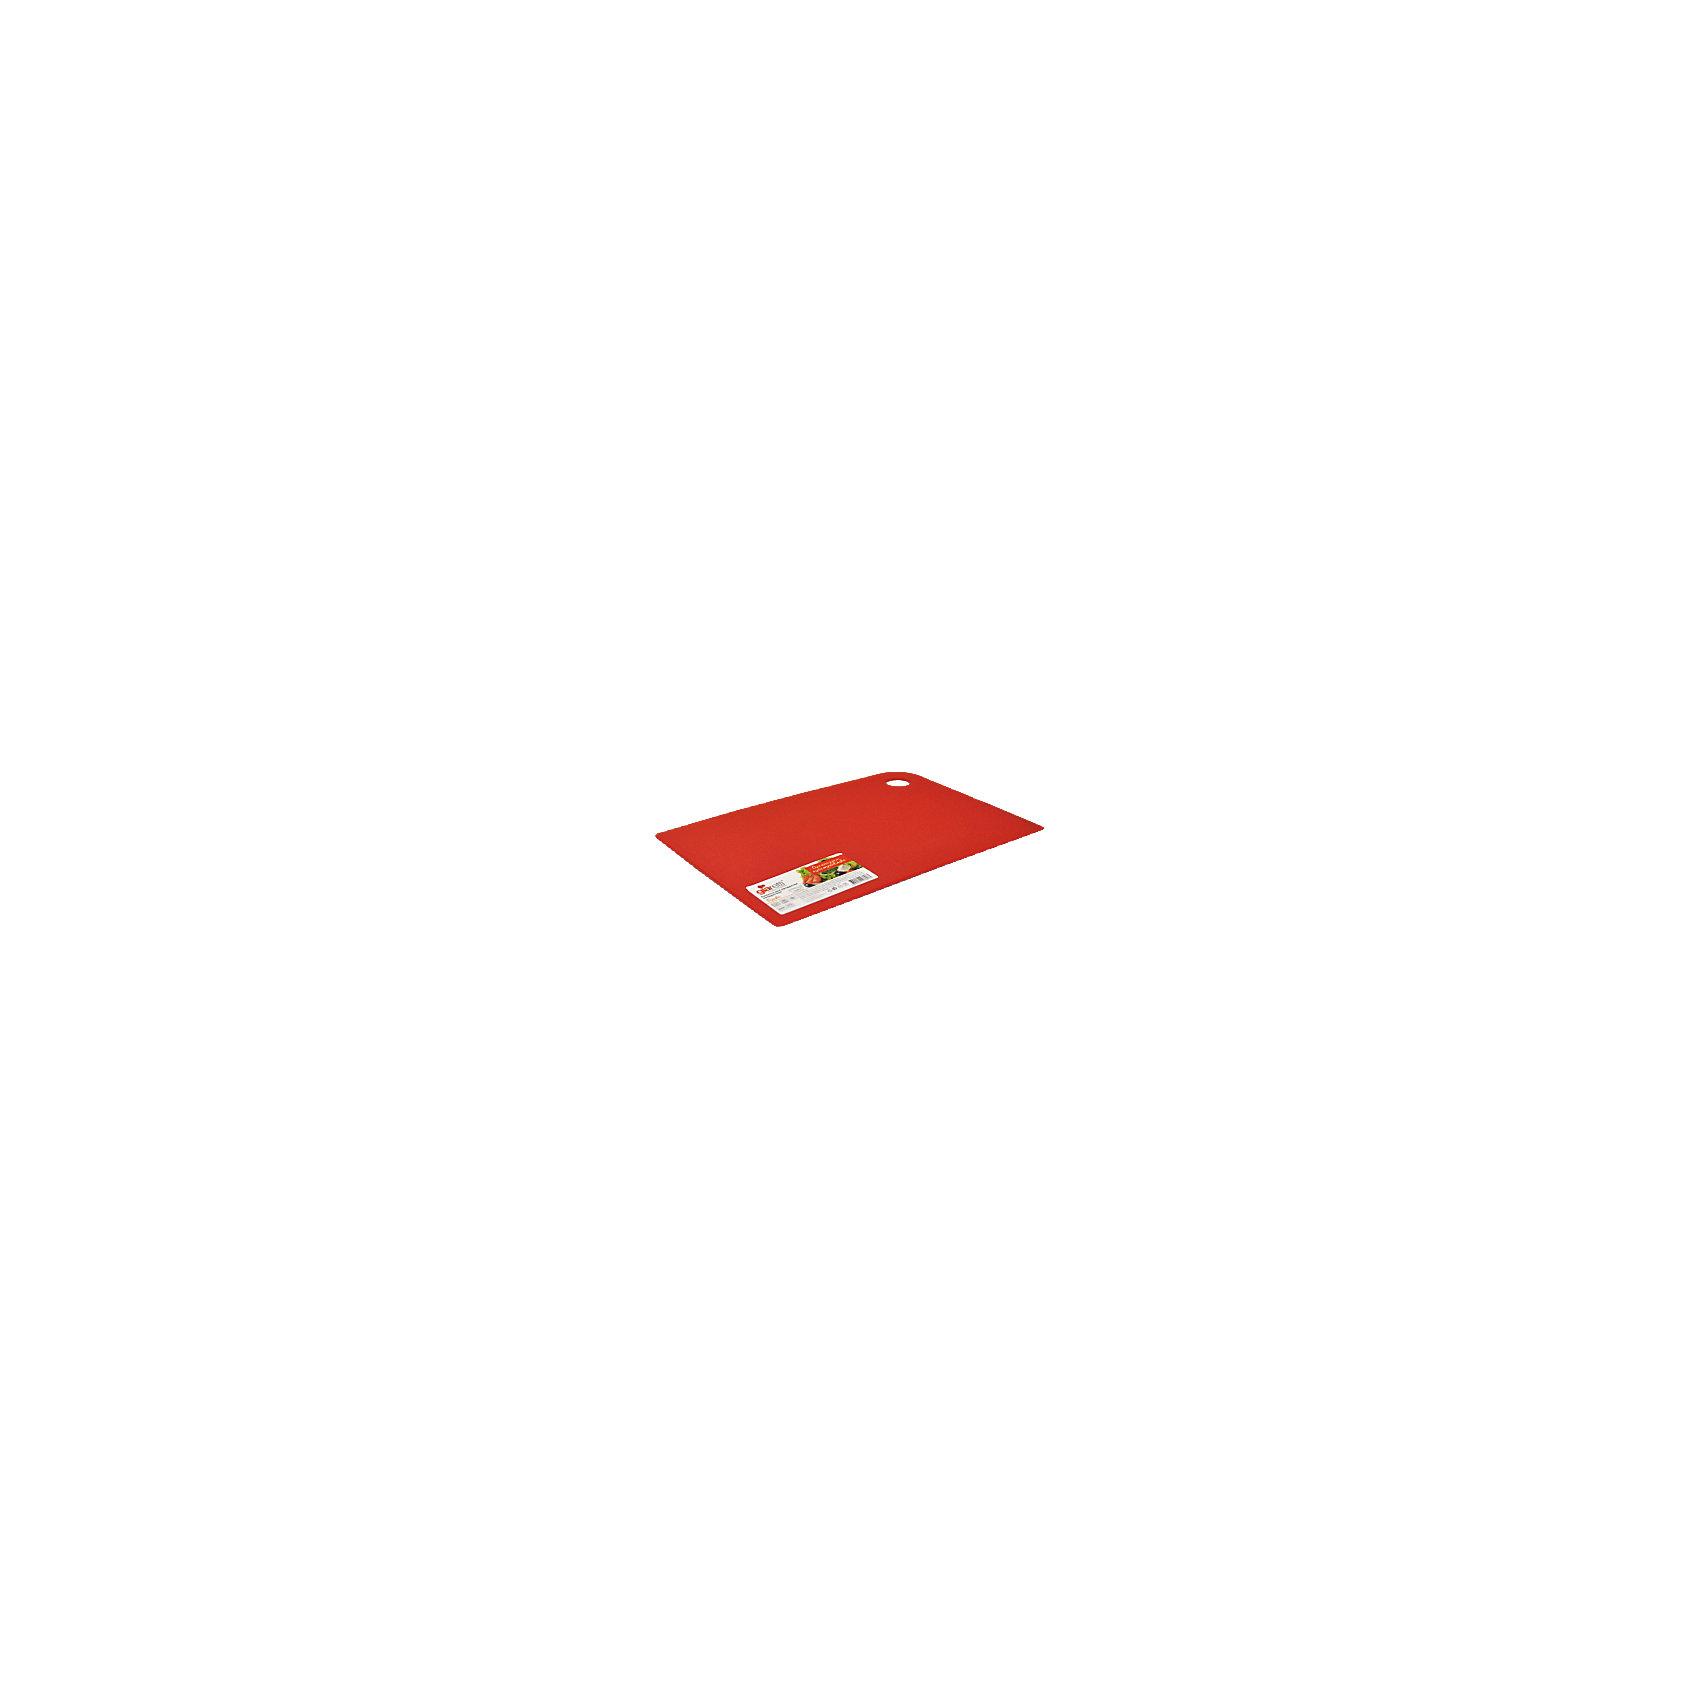 Доска разделочная Delicato 25*17 см, GiarettiПосуда<br>Доска разделочная Delicato 25*17 см, Giaretti<br><br>Характеристики:<br><br>• Цвет: красный<br>• Материал: пластик<br>• В комплекте: 1 штука<br>• Размер: 25х17 см<br><br>Эти компактные разделочные доски от Giaretti позволят вам легко навести порядок на вашей кухне и не отвлекаться на мелочи. Благодаря своей гибкости, эти доски можно использовать, чтобы переложить нарезанные ингредиенты, не рассыпав содержимое. Изготовлены они из высококачественного пищевого пластика, который безопасен  для здоровья. <br><br>Доска разделочная Delicato 25*17 см, Giaretti можно купить в нашем интернет-магазине.<br><br>Ширина мм: 250<br>Глубина мм: 170<br>Высота мм: 2<br>Вес г: 91<br>Возраст от месяцев: 216<br>Возраст до месяцев: 1188<br>Пол: Унисекс<br>Возраст: Детский<br>SKU: 5545621